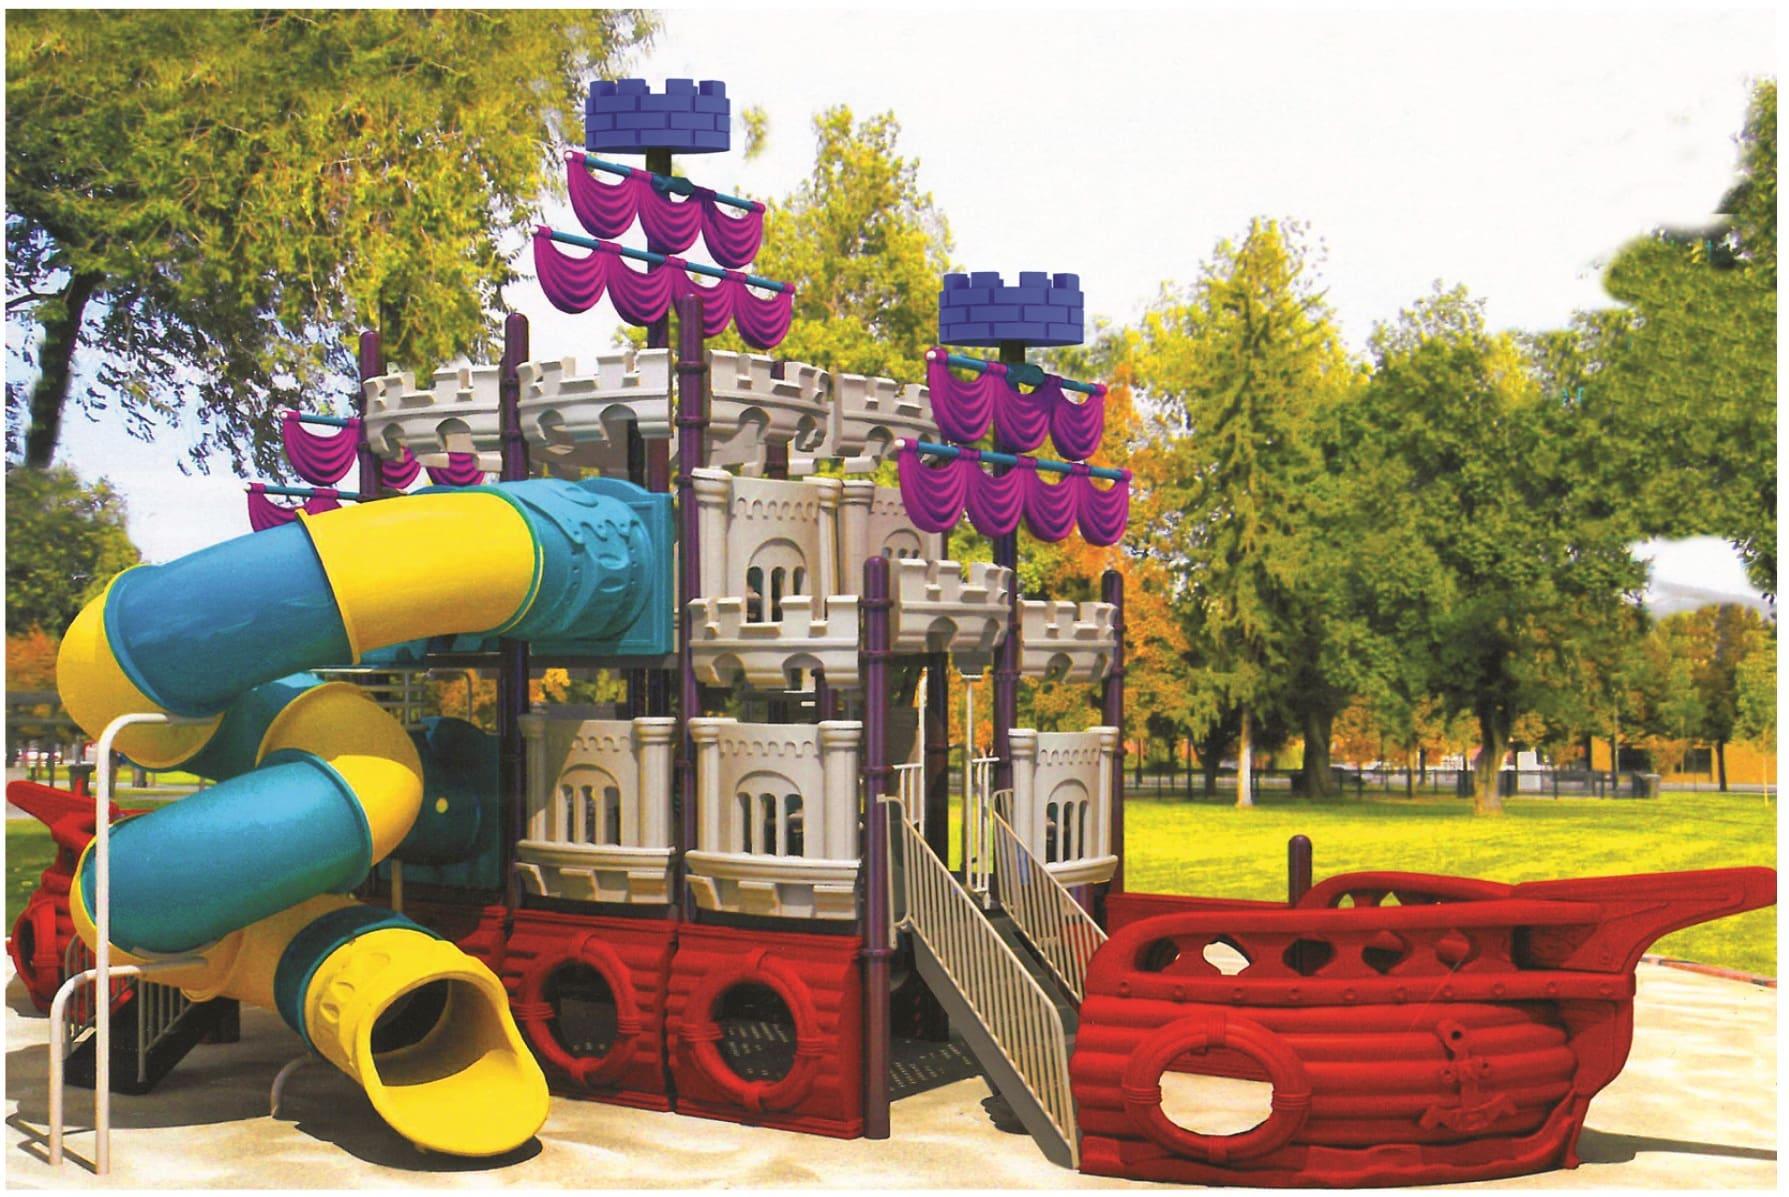 Картинка площадки для детей в стиле «корабль» в Санкт-Петербурге